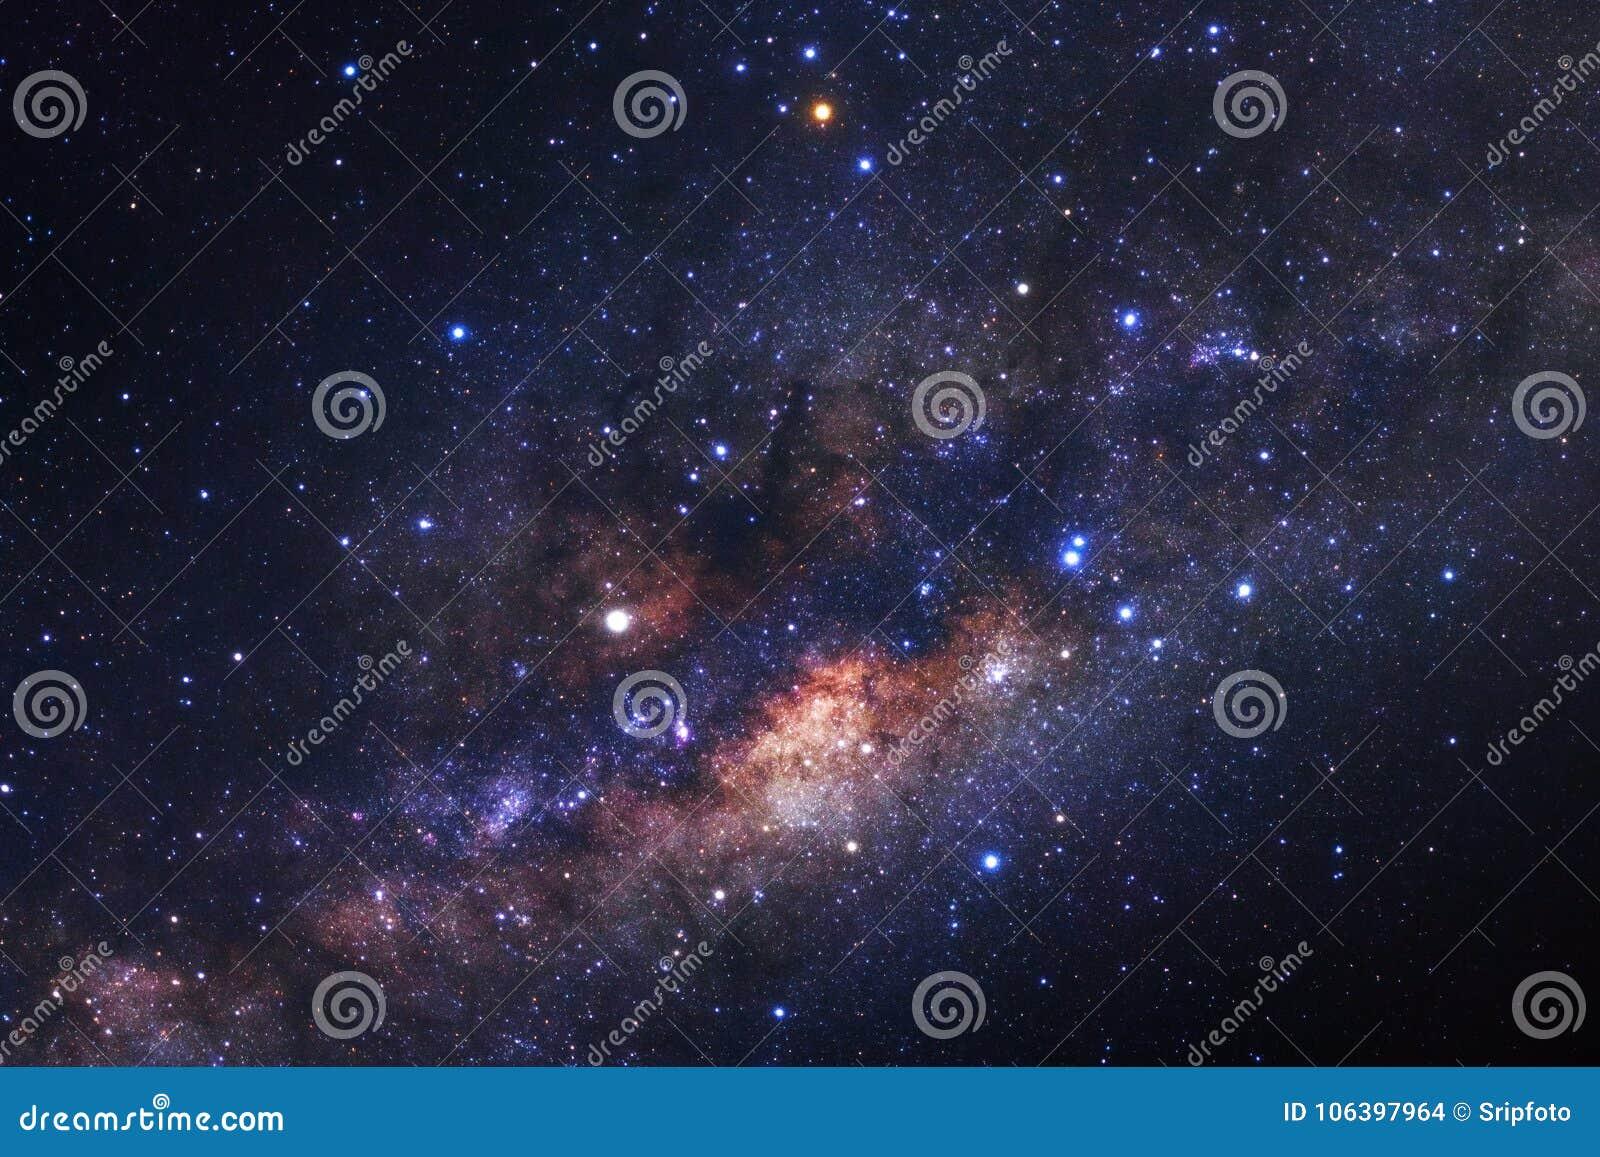 Γαλακτώδης γαλαξίας τρόπων με τα αστέρια και διαστημική σκόνη στον κόσμο